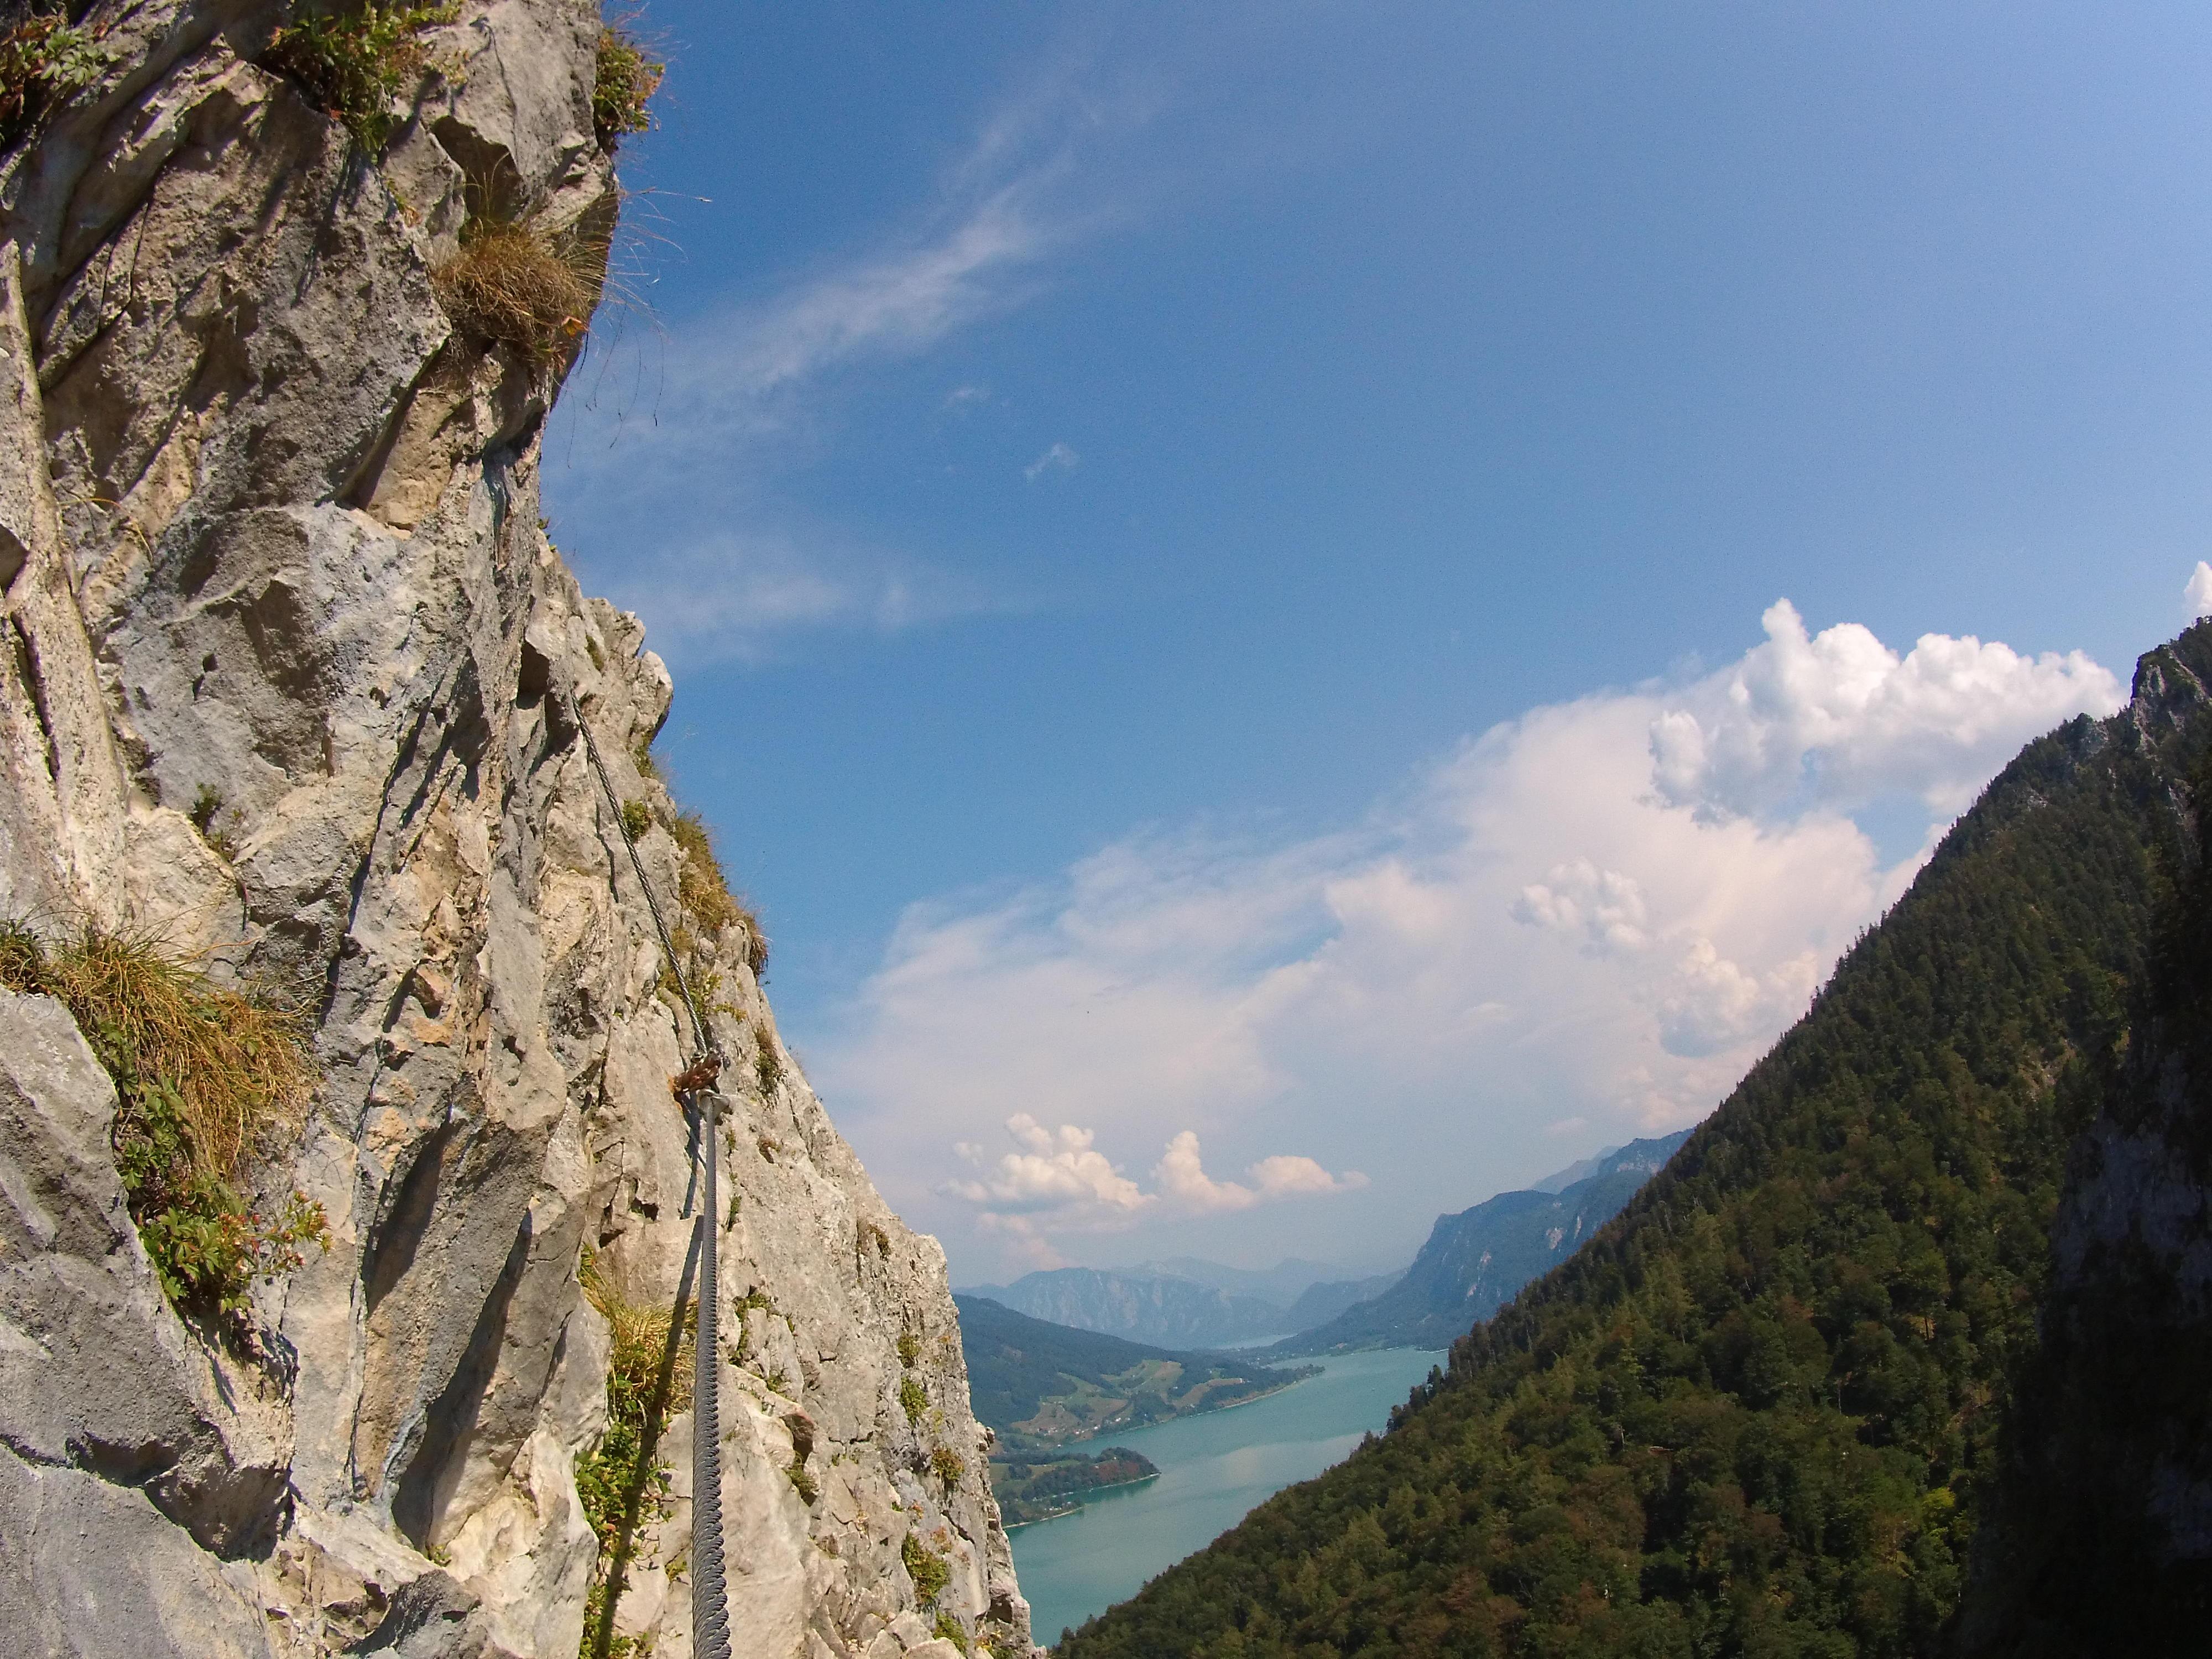 Klettersteig Mondsee : Drachenwand klettersteig mondsee u bergseensucht